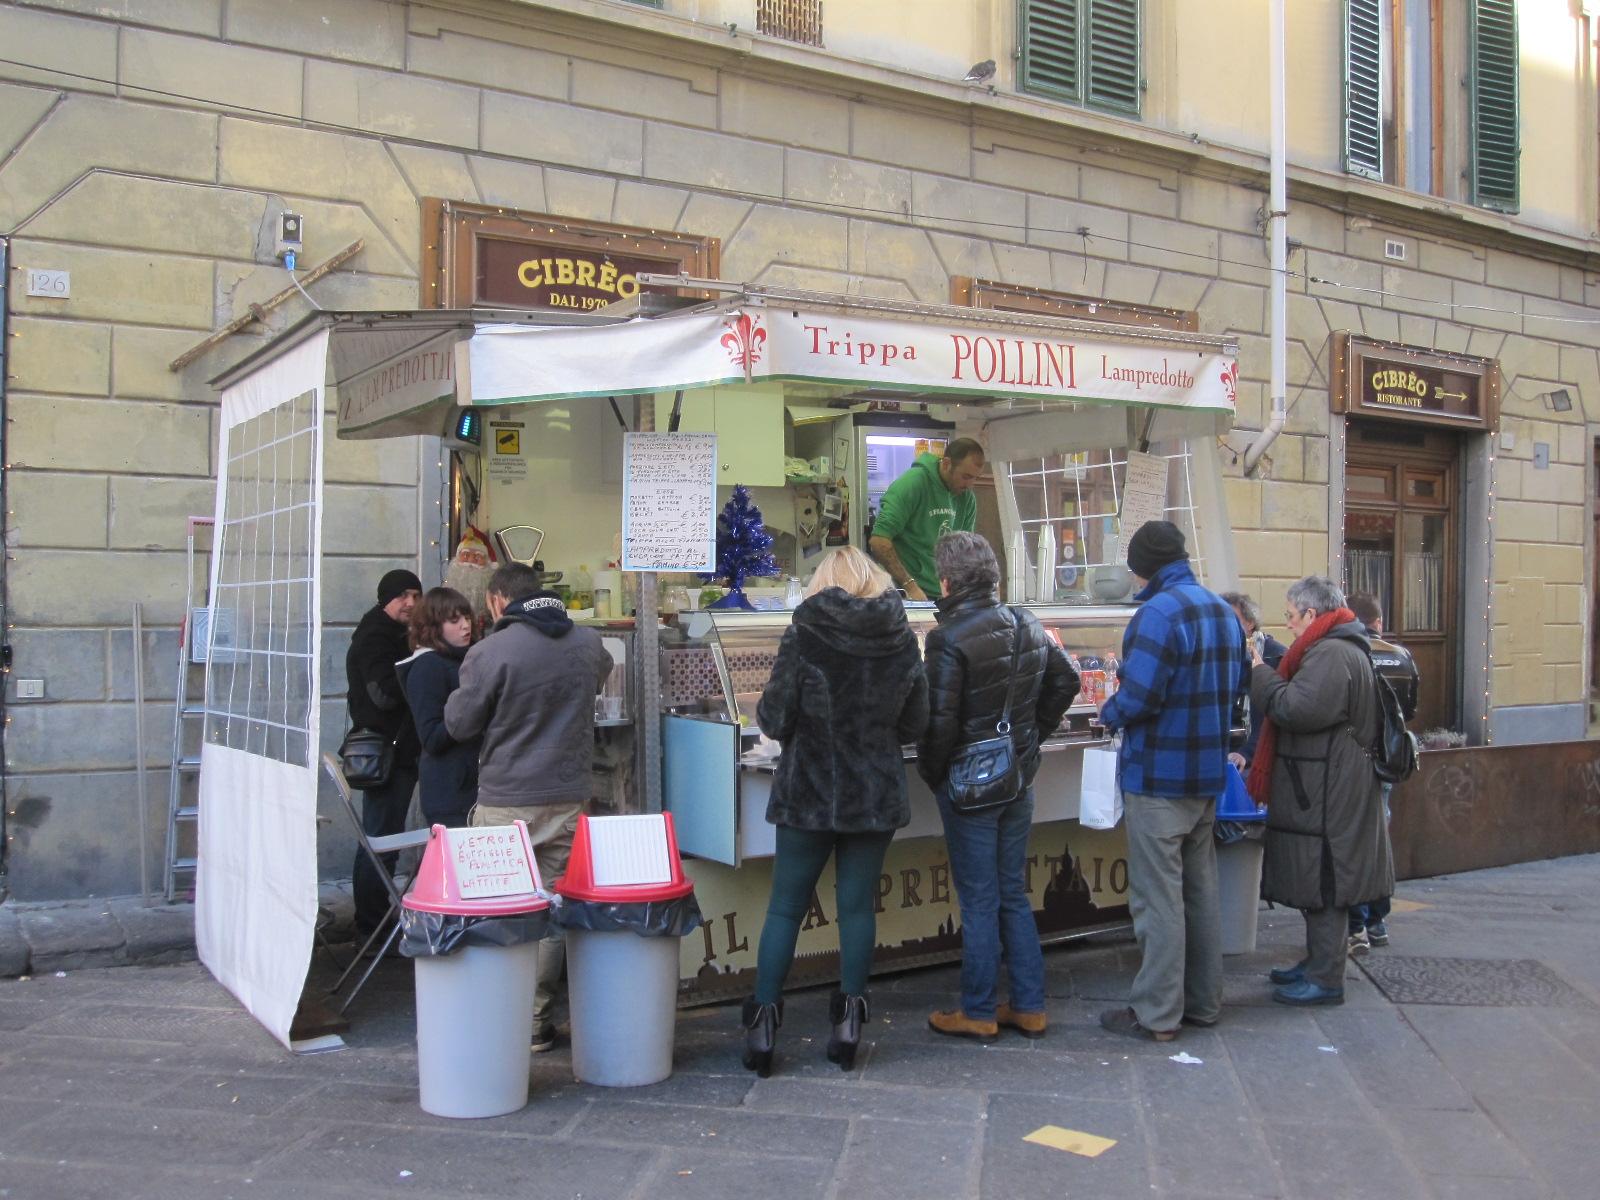 de trippaio of lampredottaio: terug te vinden op diverse plaatsen in de stad